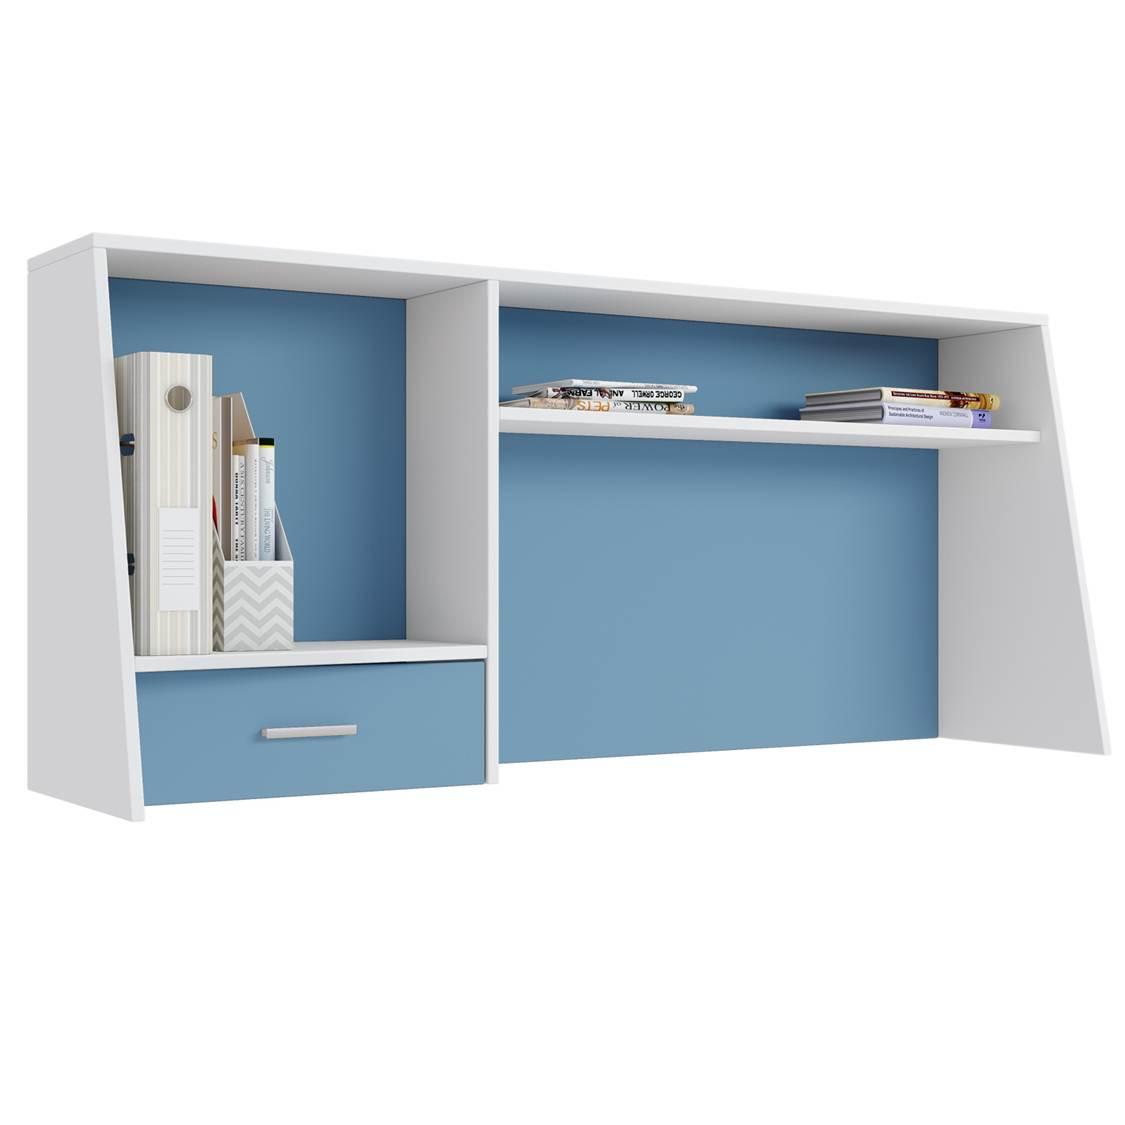 Надстройка для cтола Polini kids Aviv 1450 с ящиком и полкой, белый/голубой